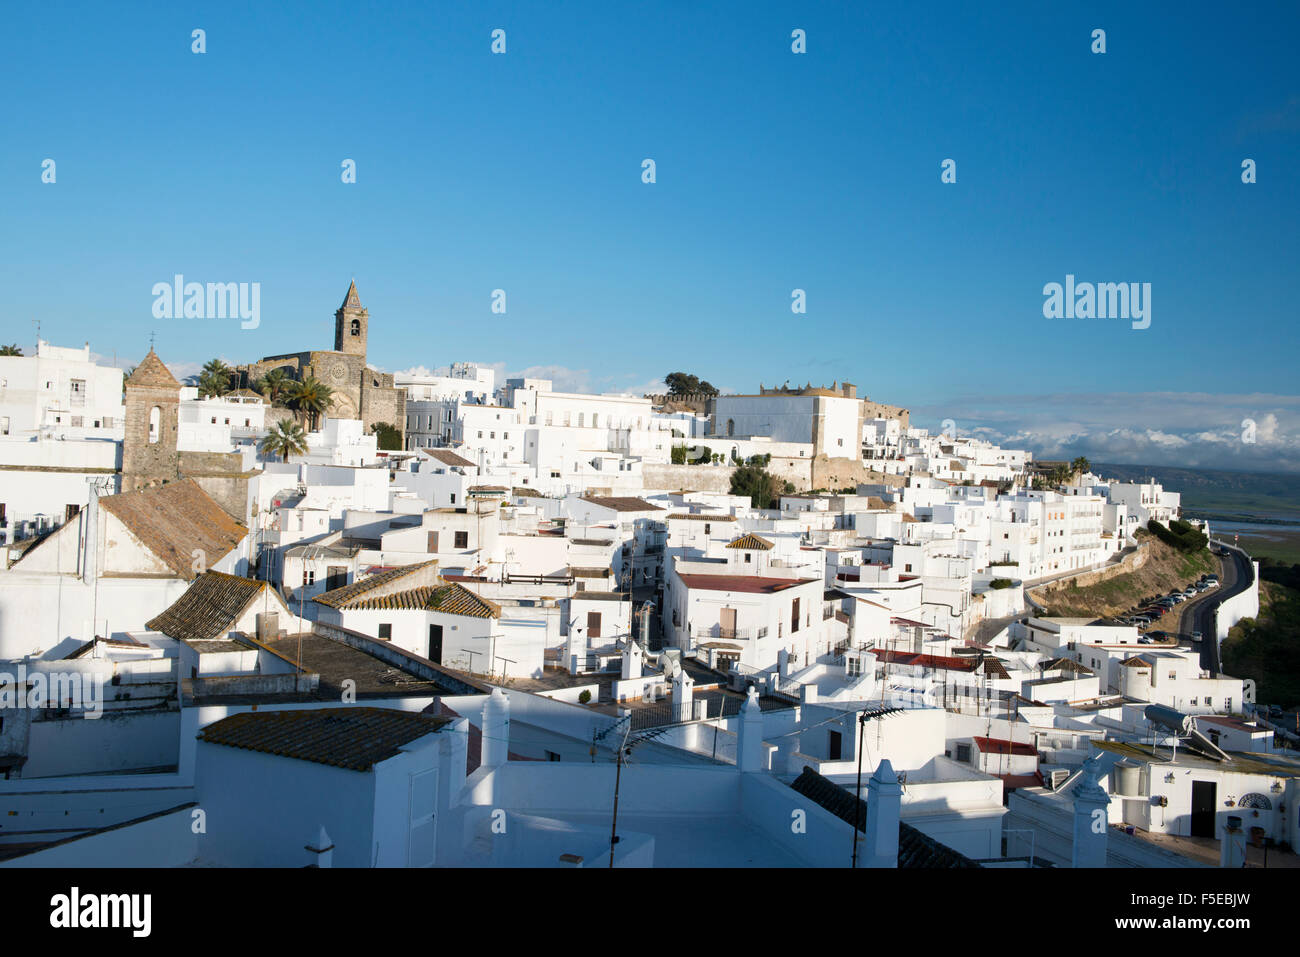 Viste dal tetto del villaggio imbiancate a calce (Pueblos blanca) di Vejer de la Frontera, la provincia di Cadiz Immagini Stock